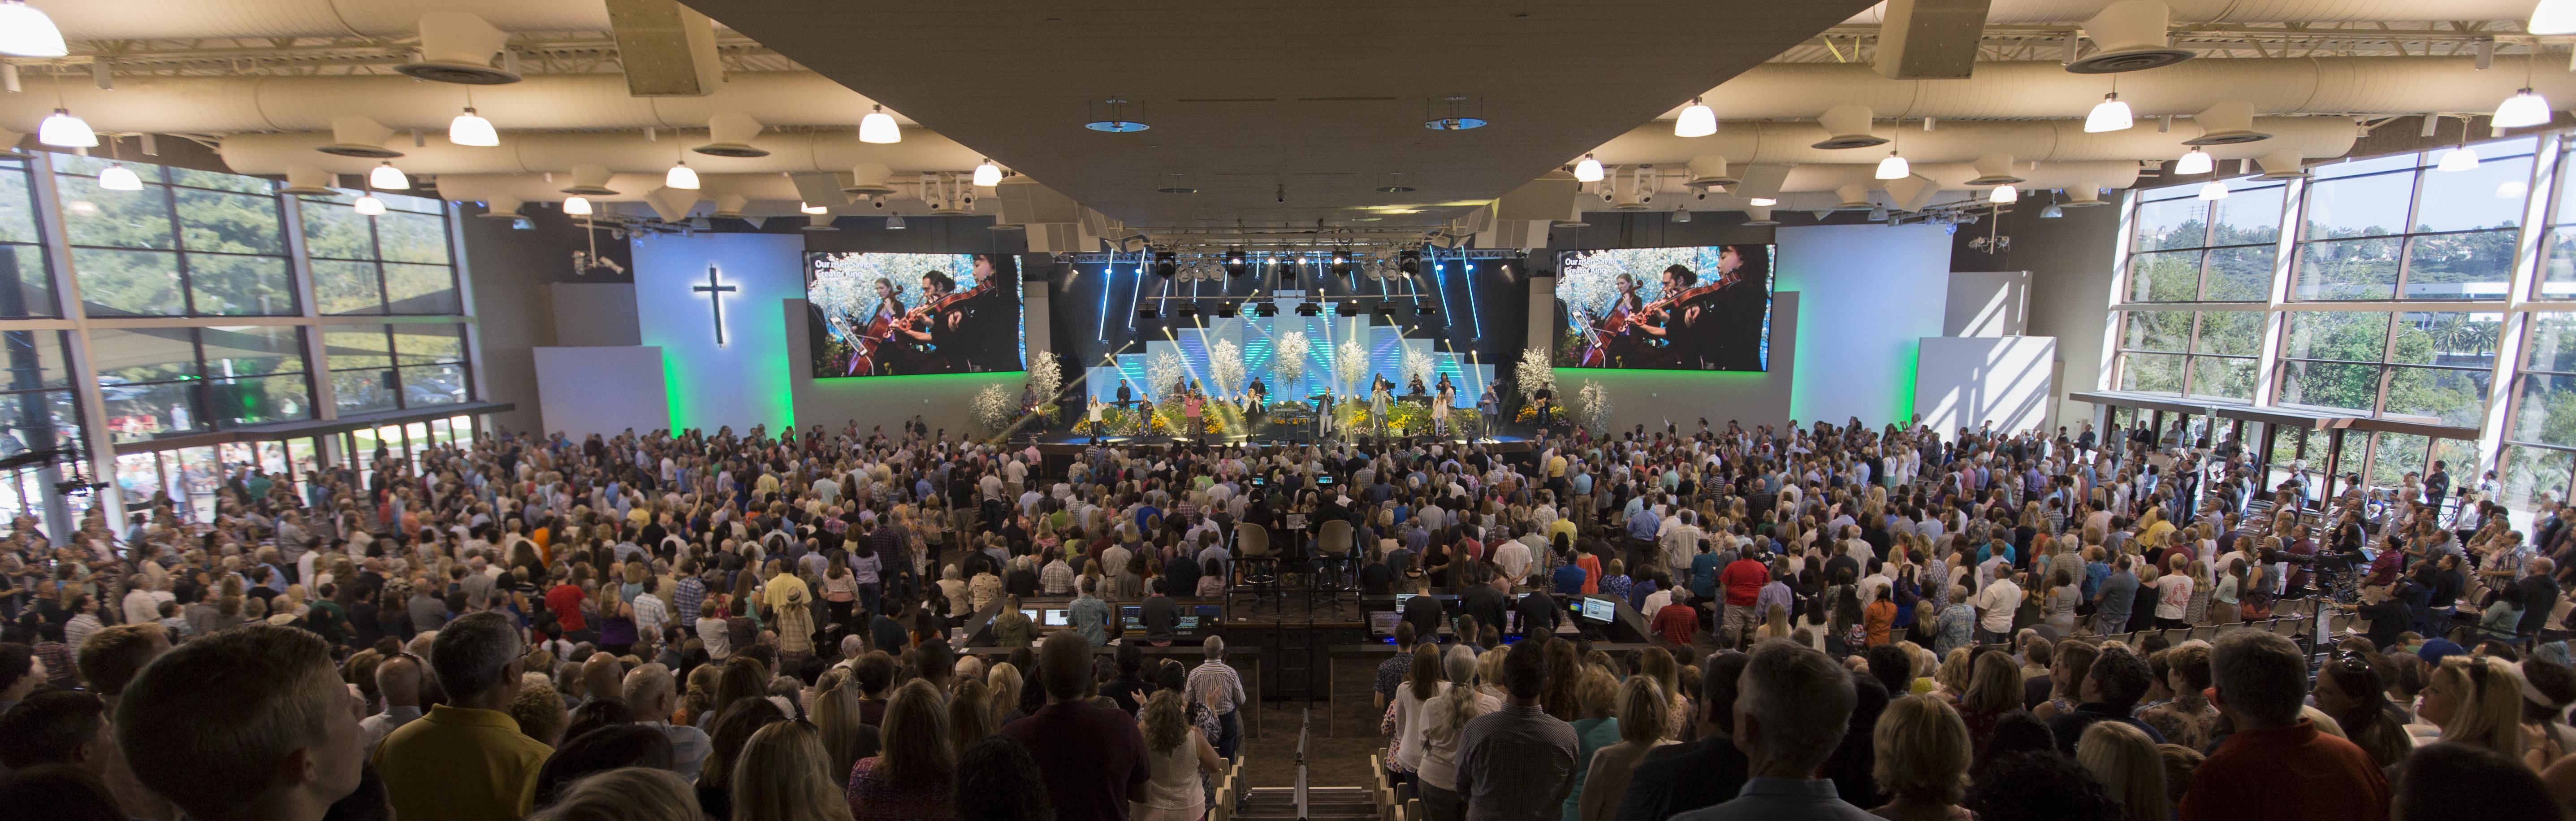 Saddleback Church: Daring Faith Blog: Easter Fills God's House